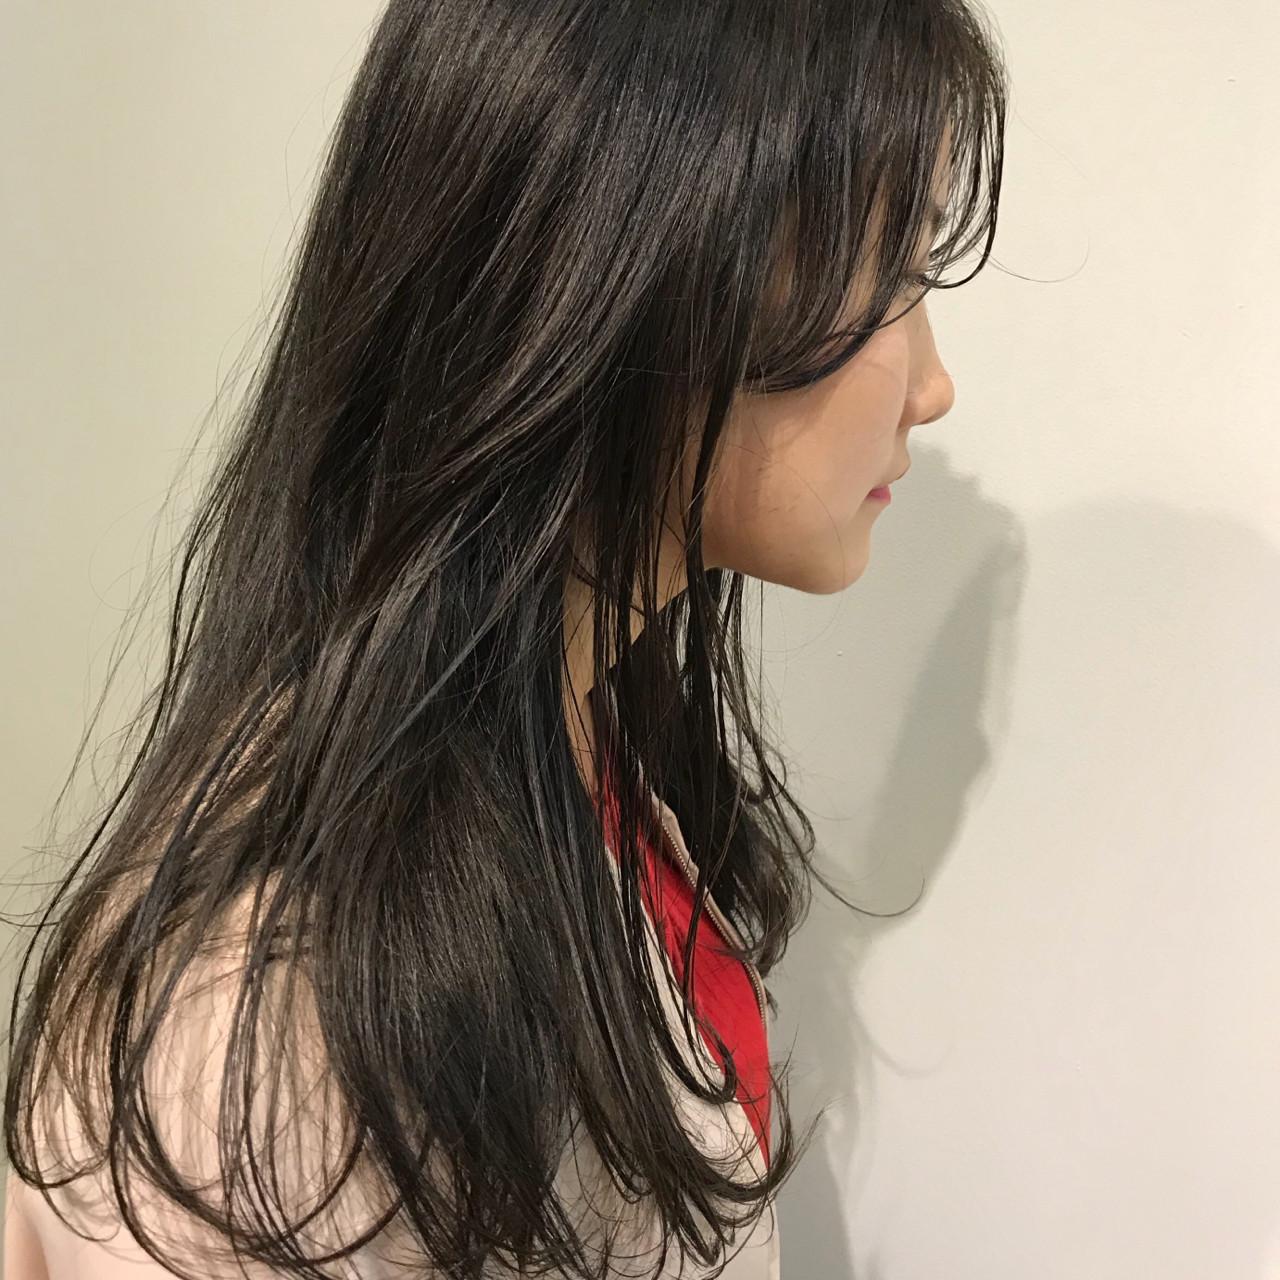 オフィス ナチュラル ウェットヘア ロング ヘアスタイルや髪型の写真・画像